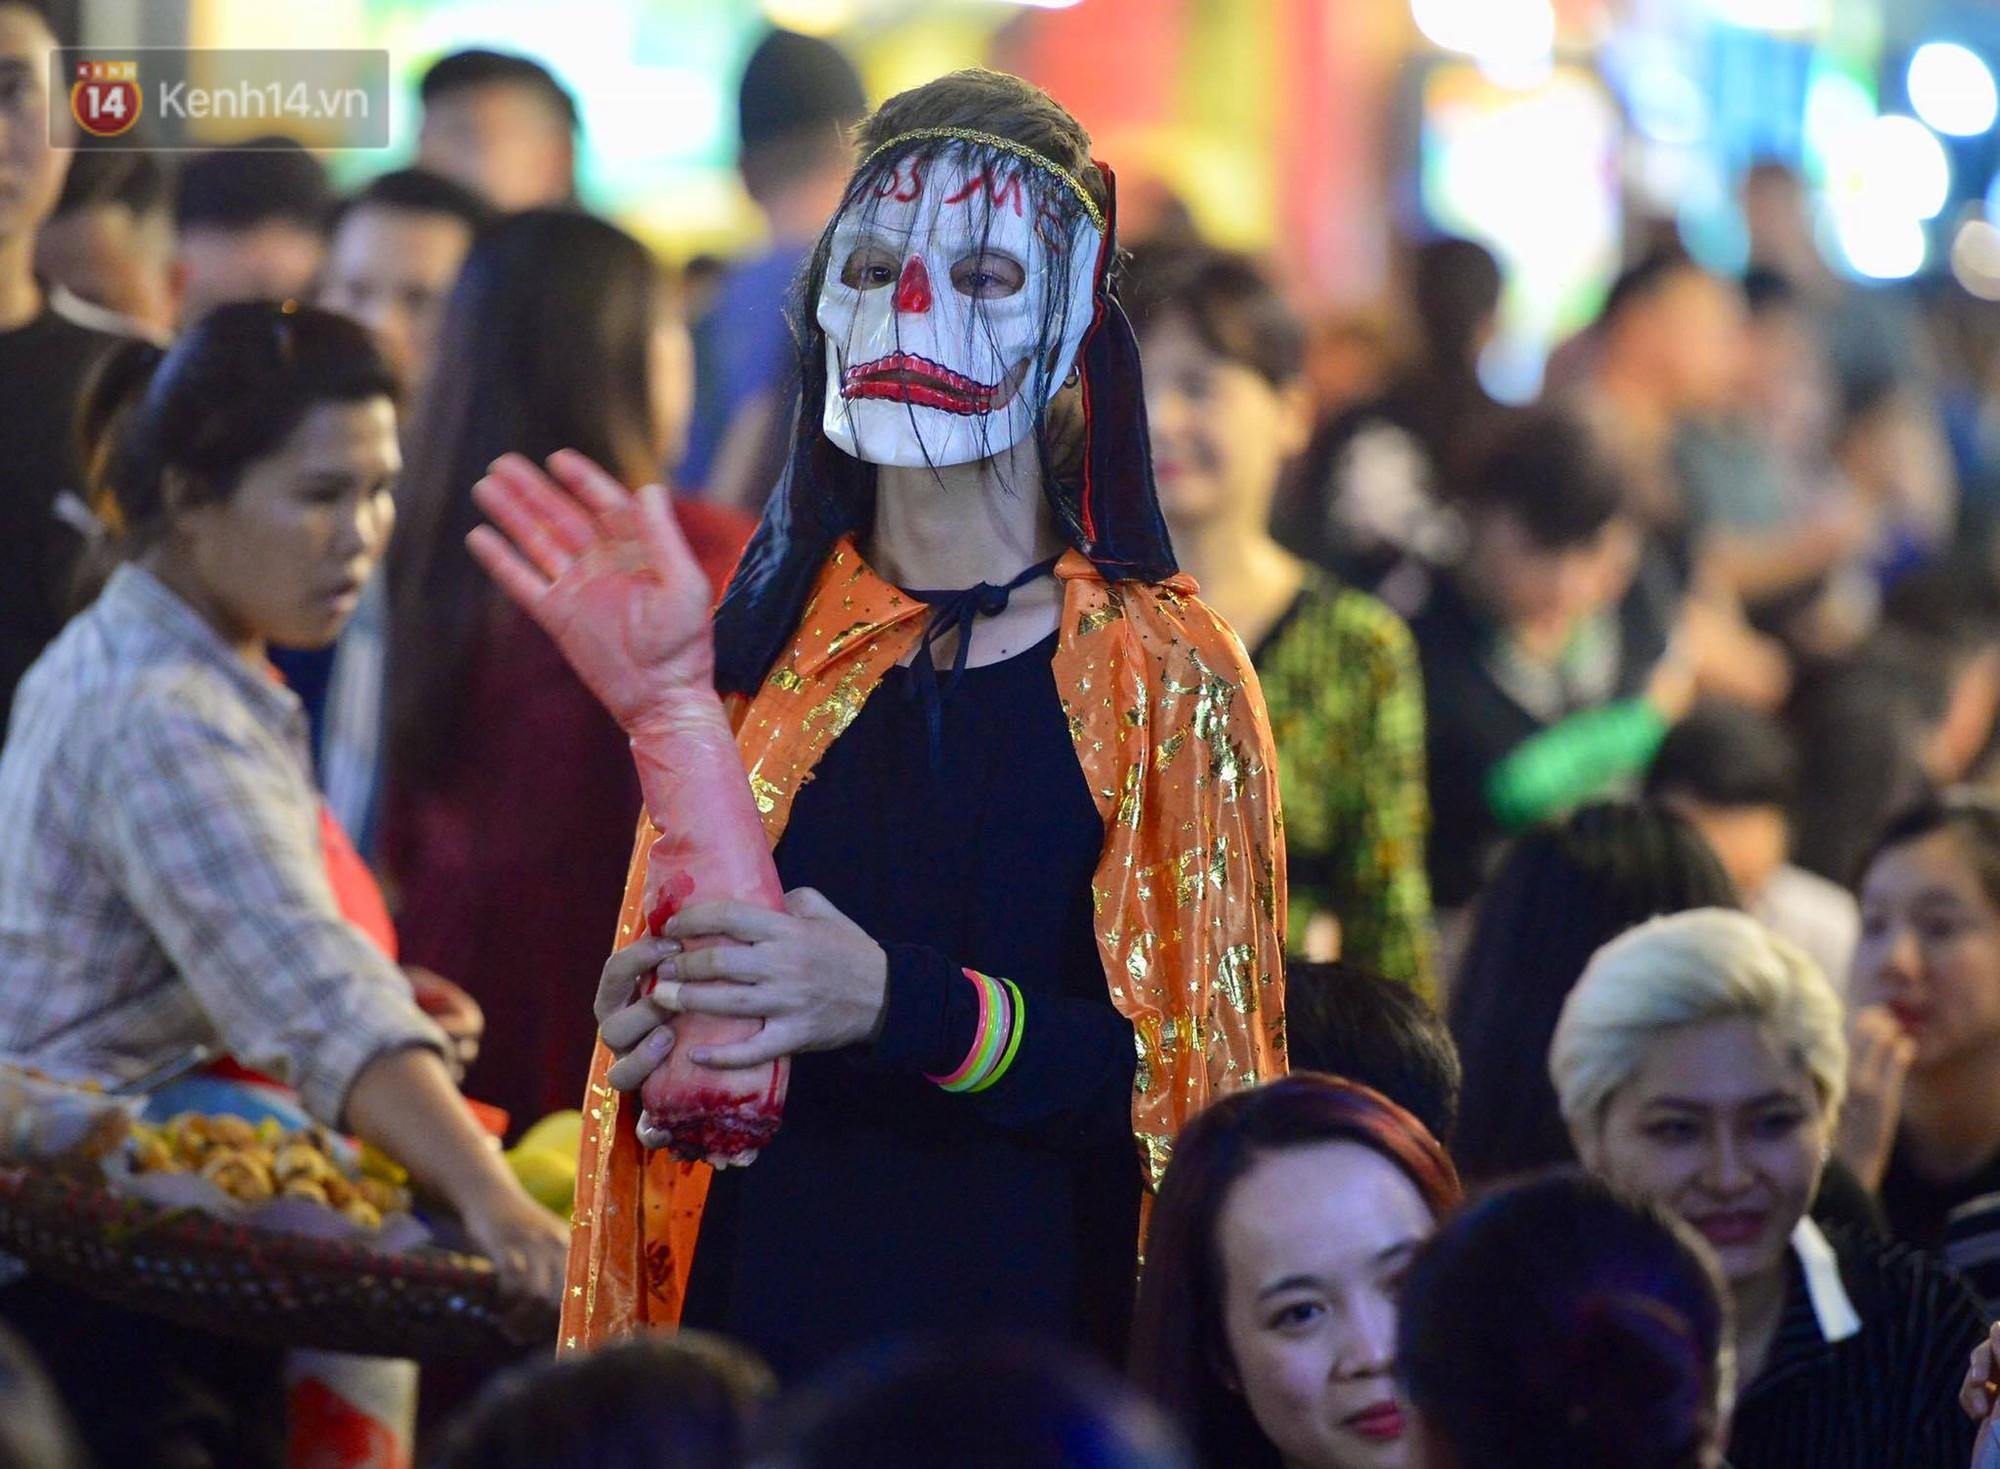 Chùm ảnh: Chị Valak cùng các thây ma đã dạo chơi phố Tây Hà Nội dù 3 ngày nữa mới tới Halloween - Ảnh 12.